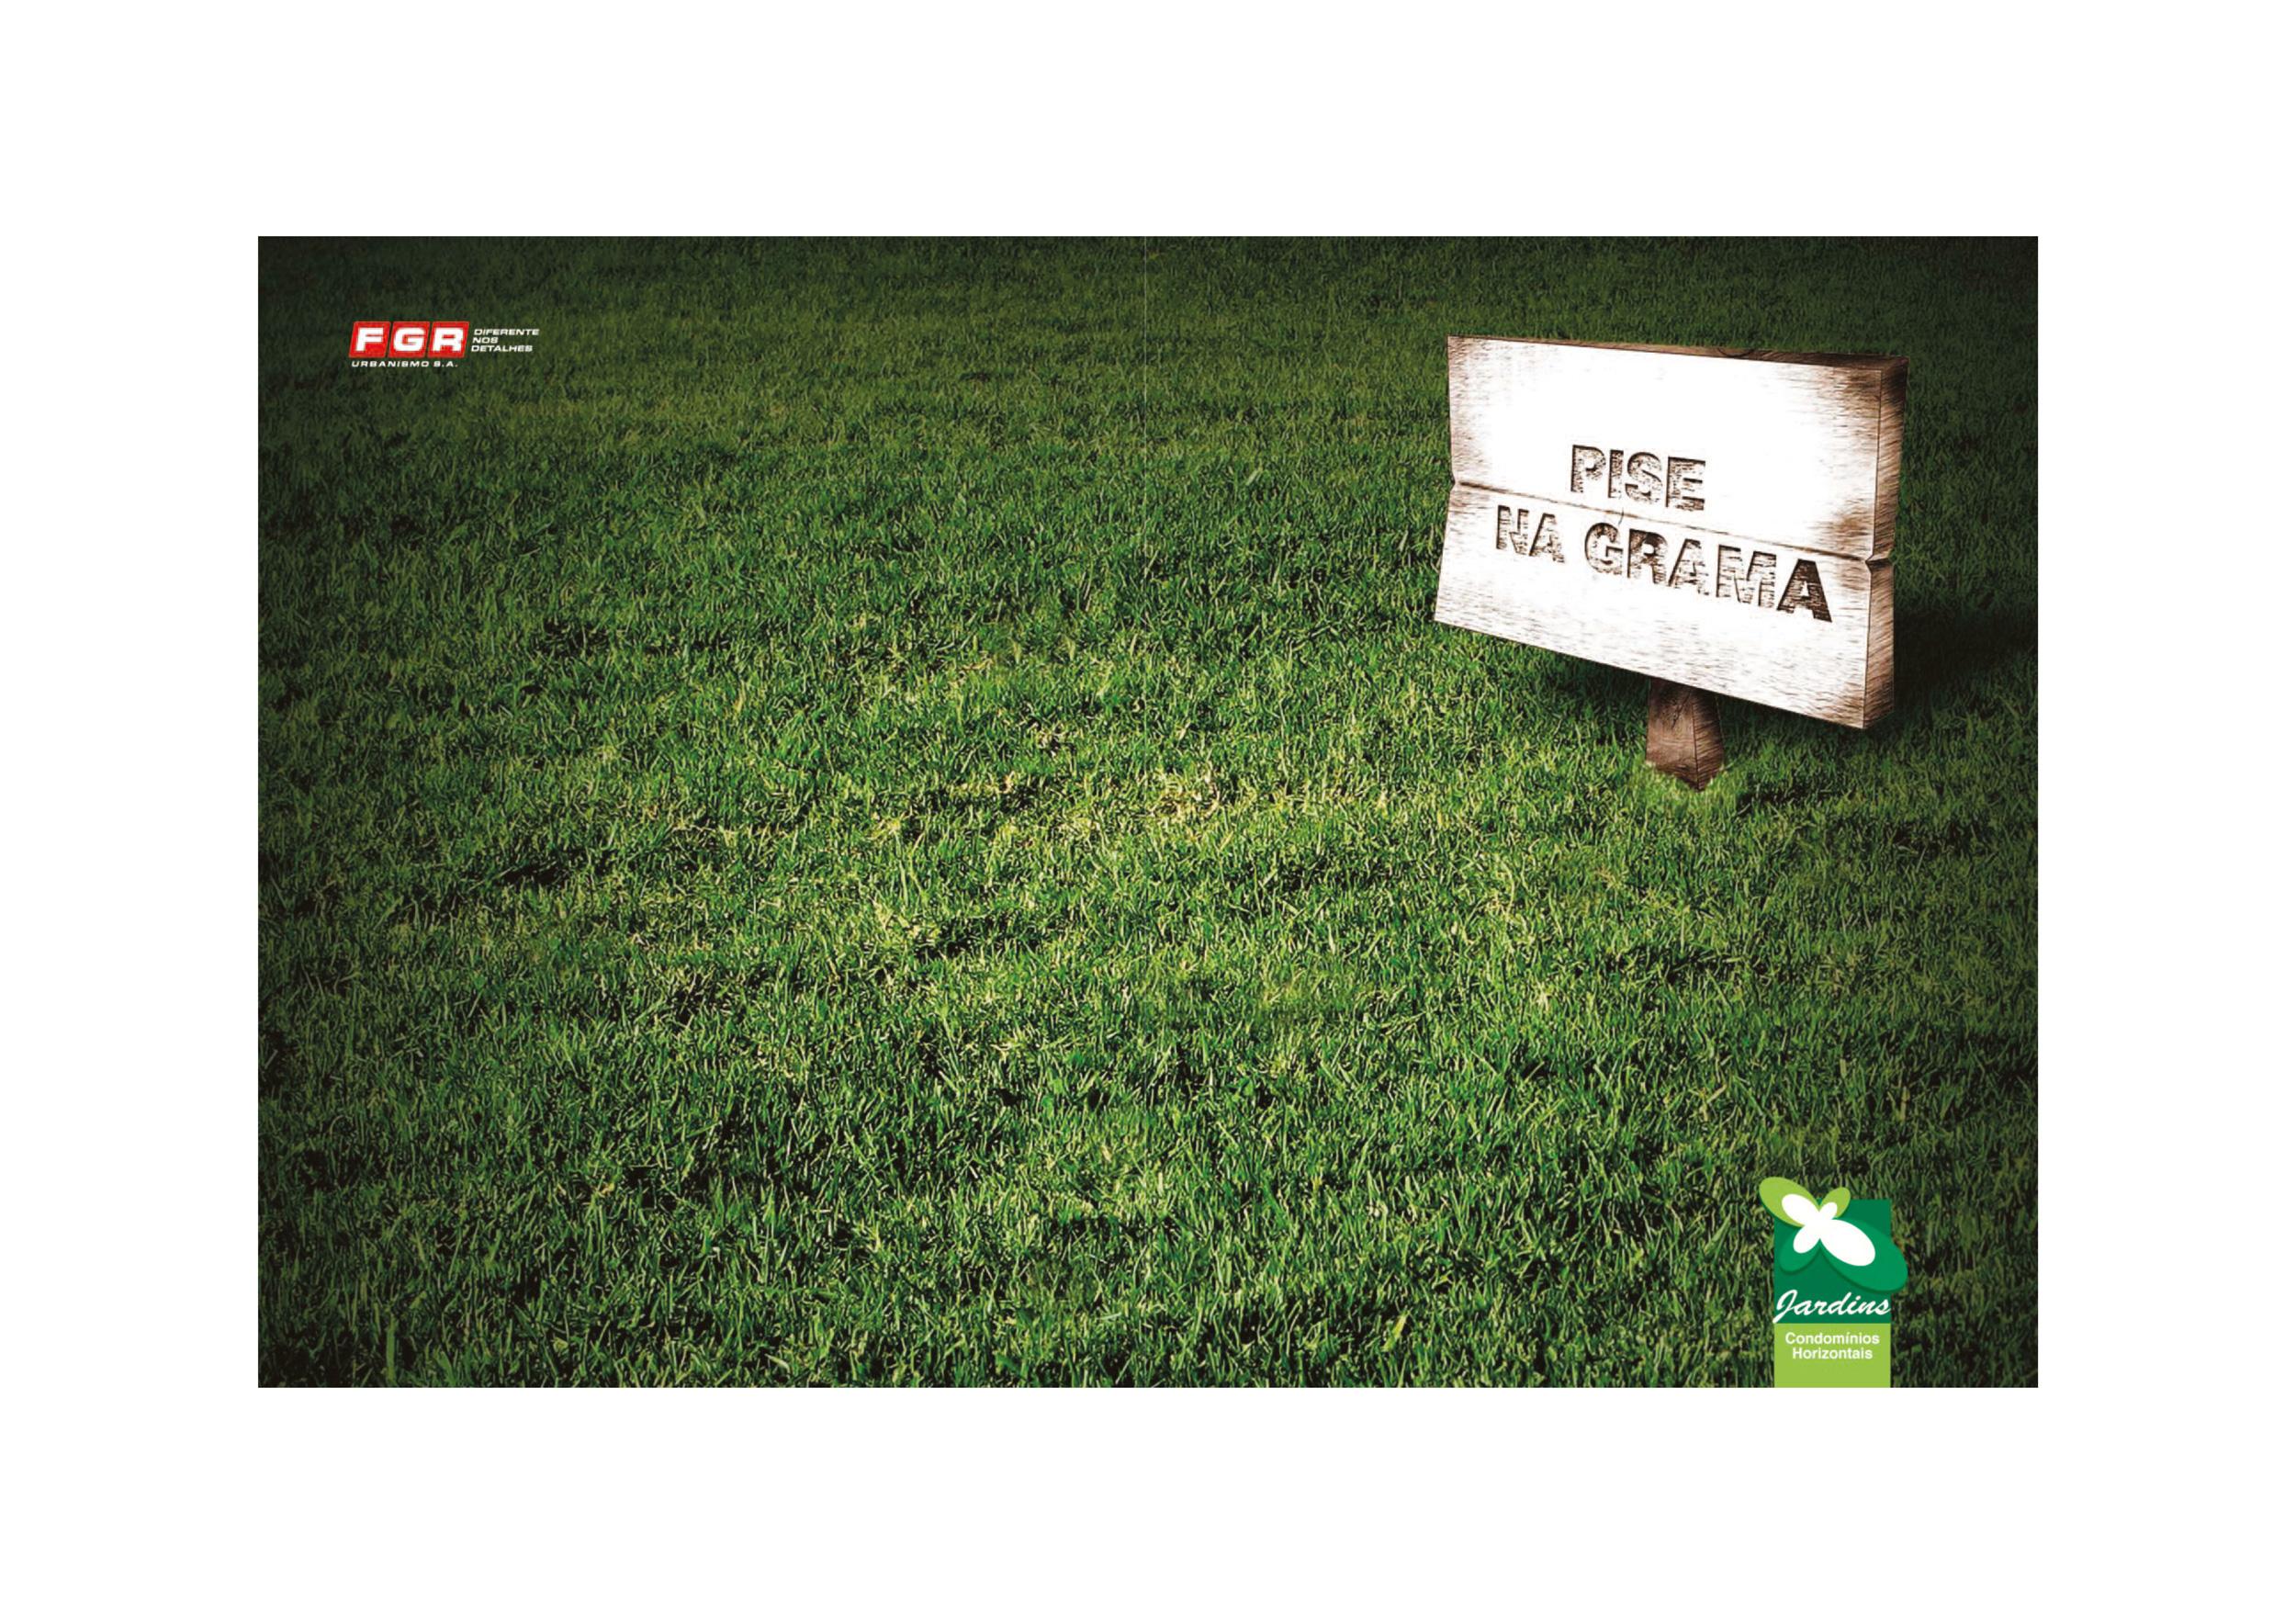 anuncios-institucionais-FGR5